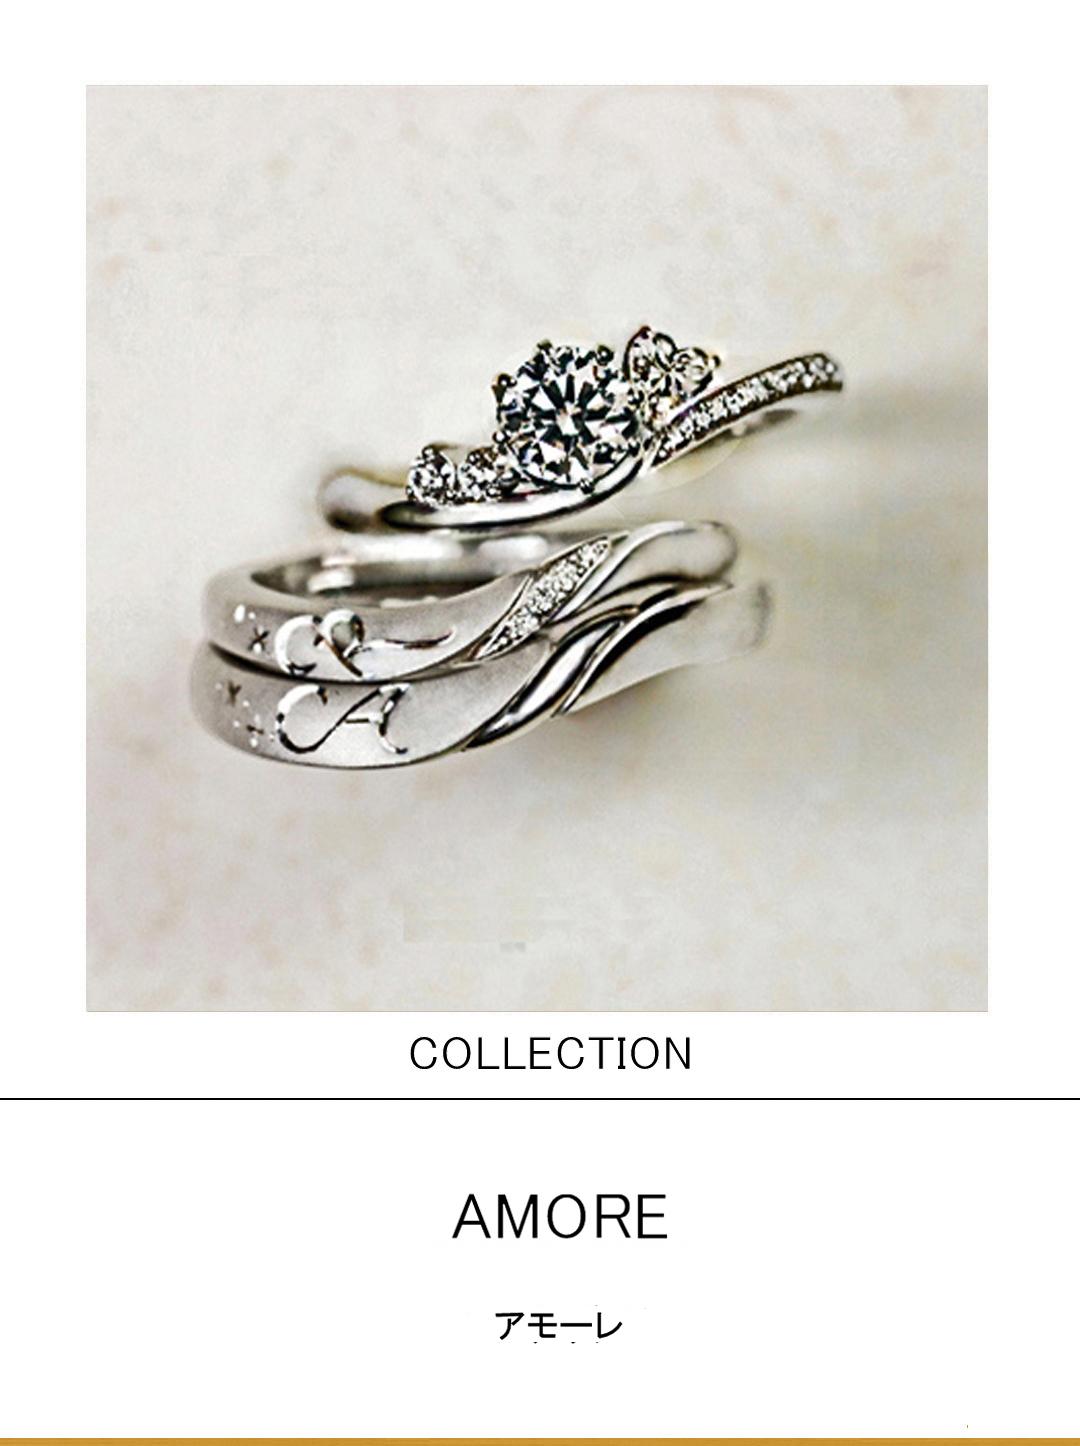 ハートダイヤ&ハートイニシャルの婚約指輪と結婚指輪のセットリングのサムネイル